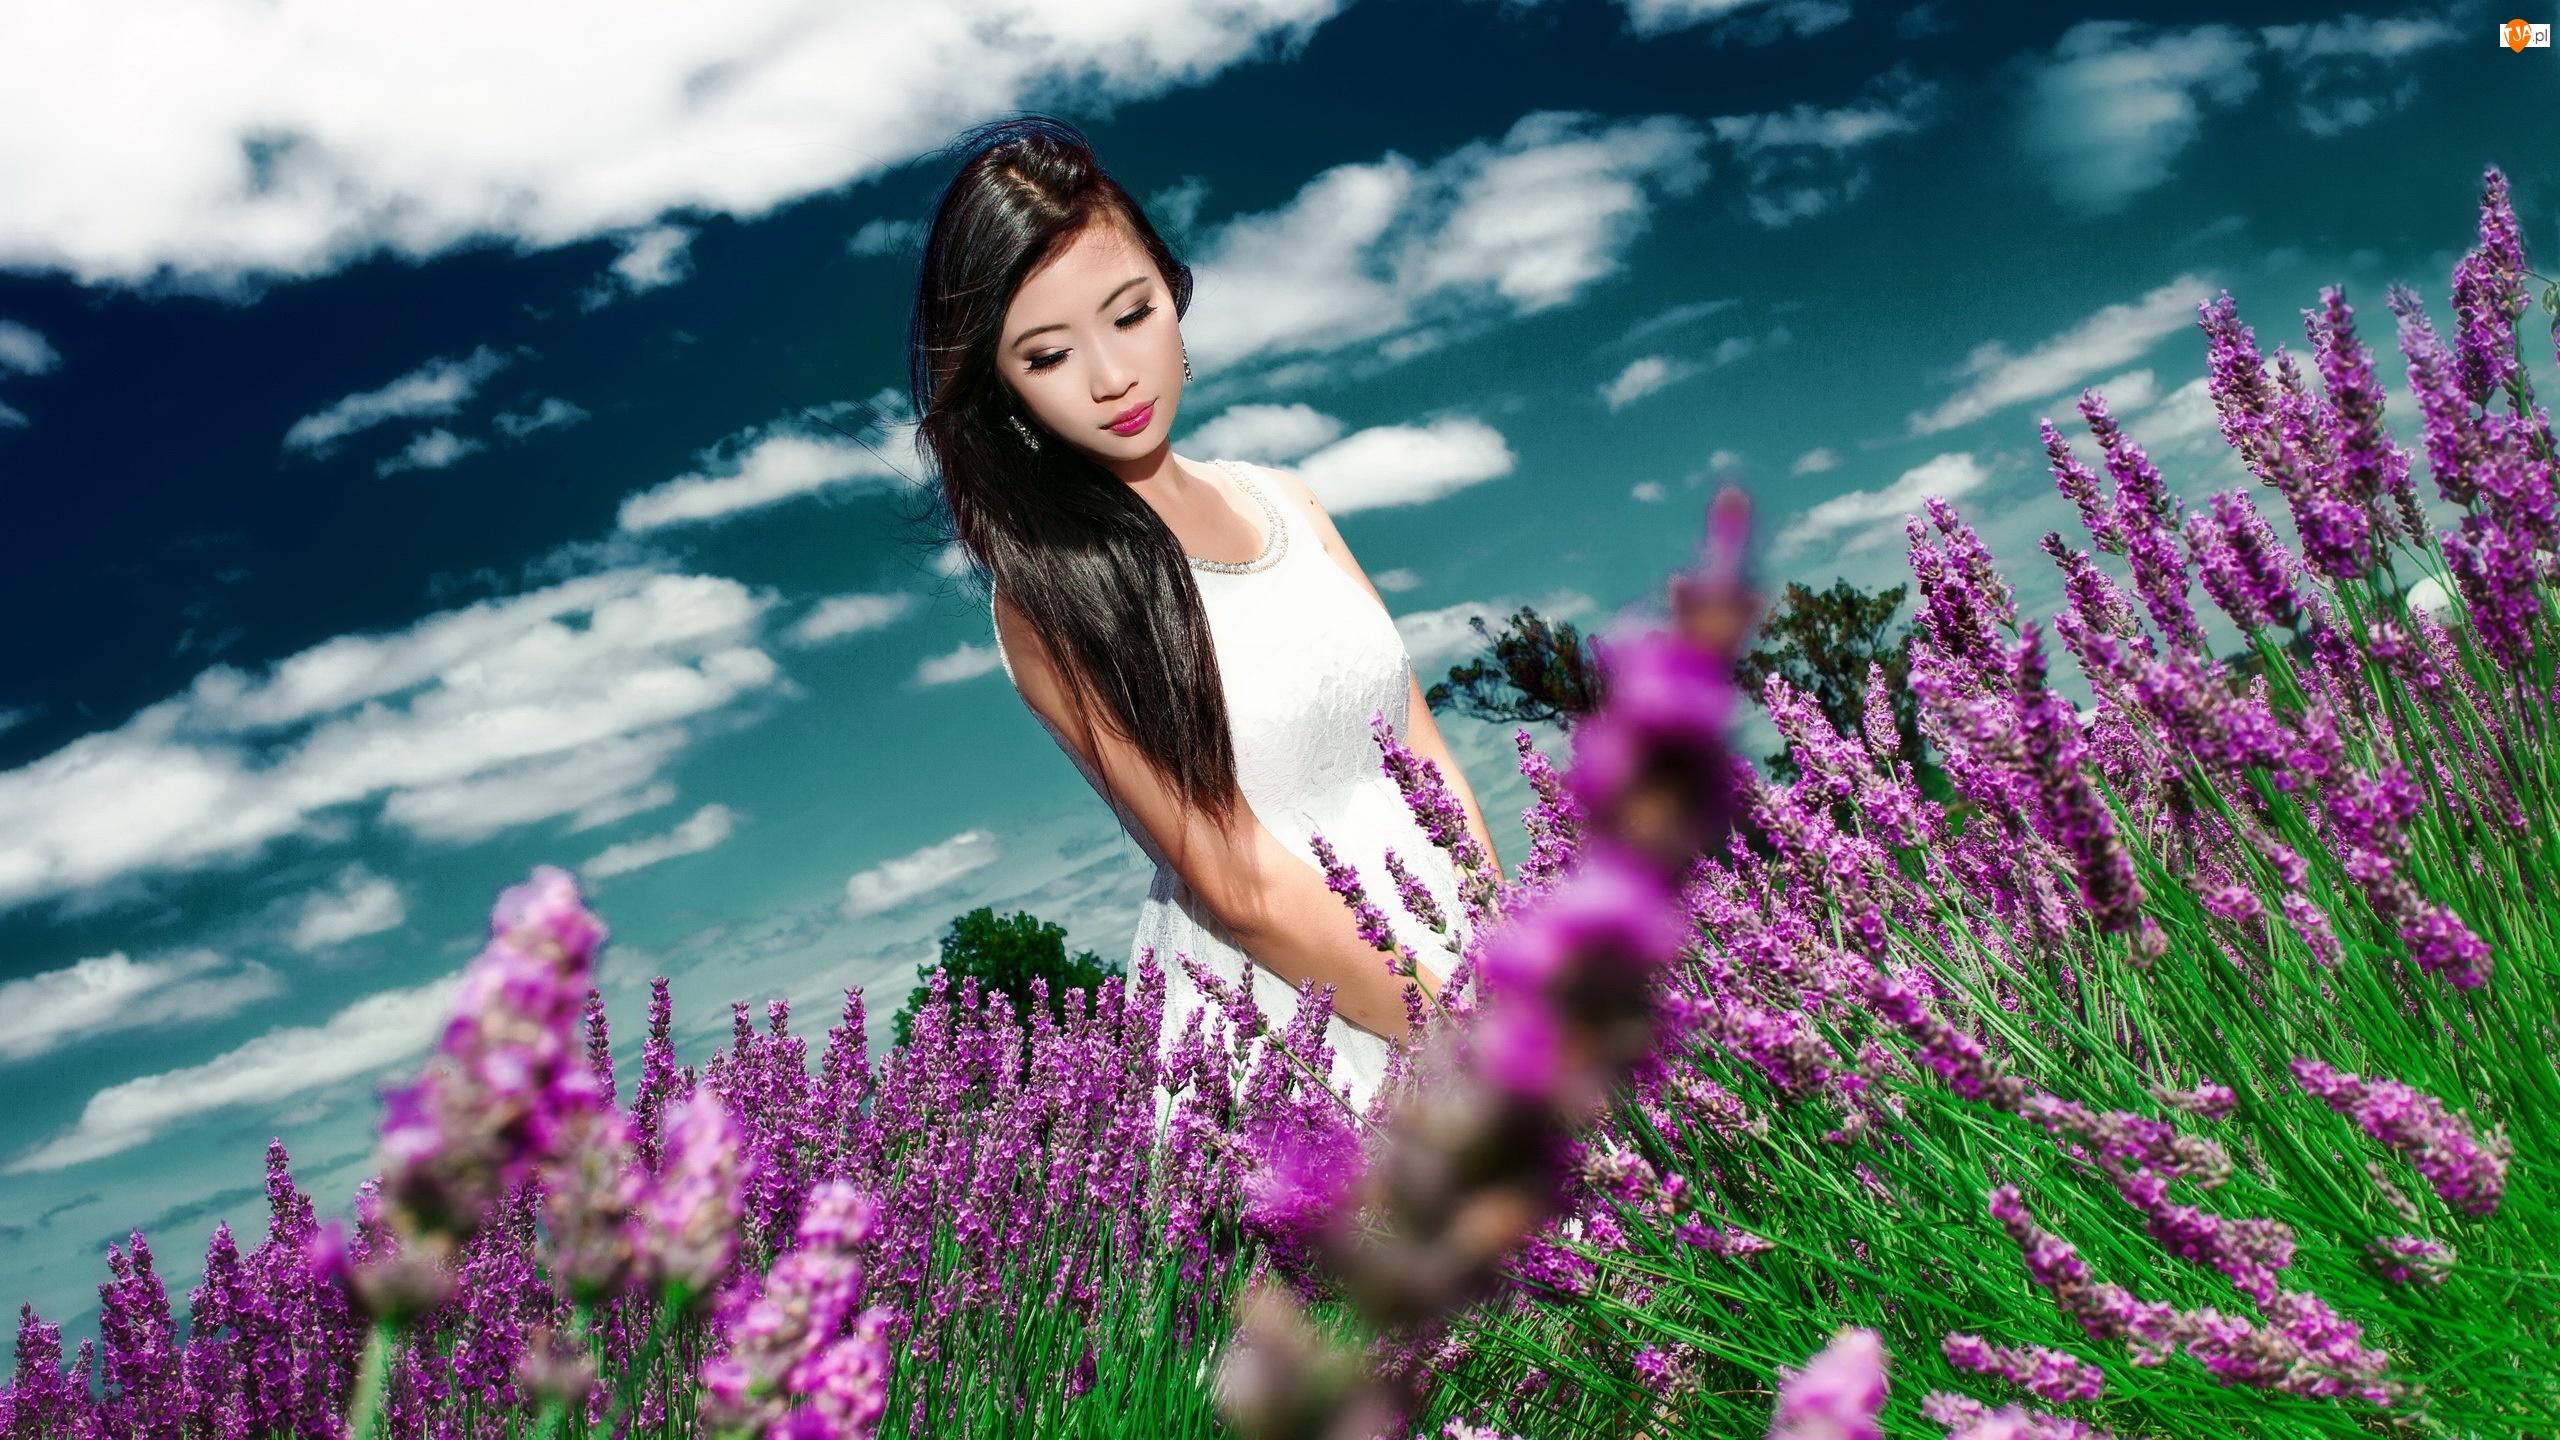 Kobieta, Lawenda wąskolistna, Kwiaty, Plantacja